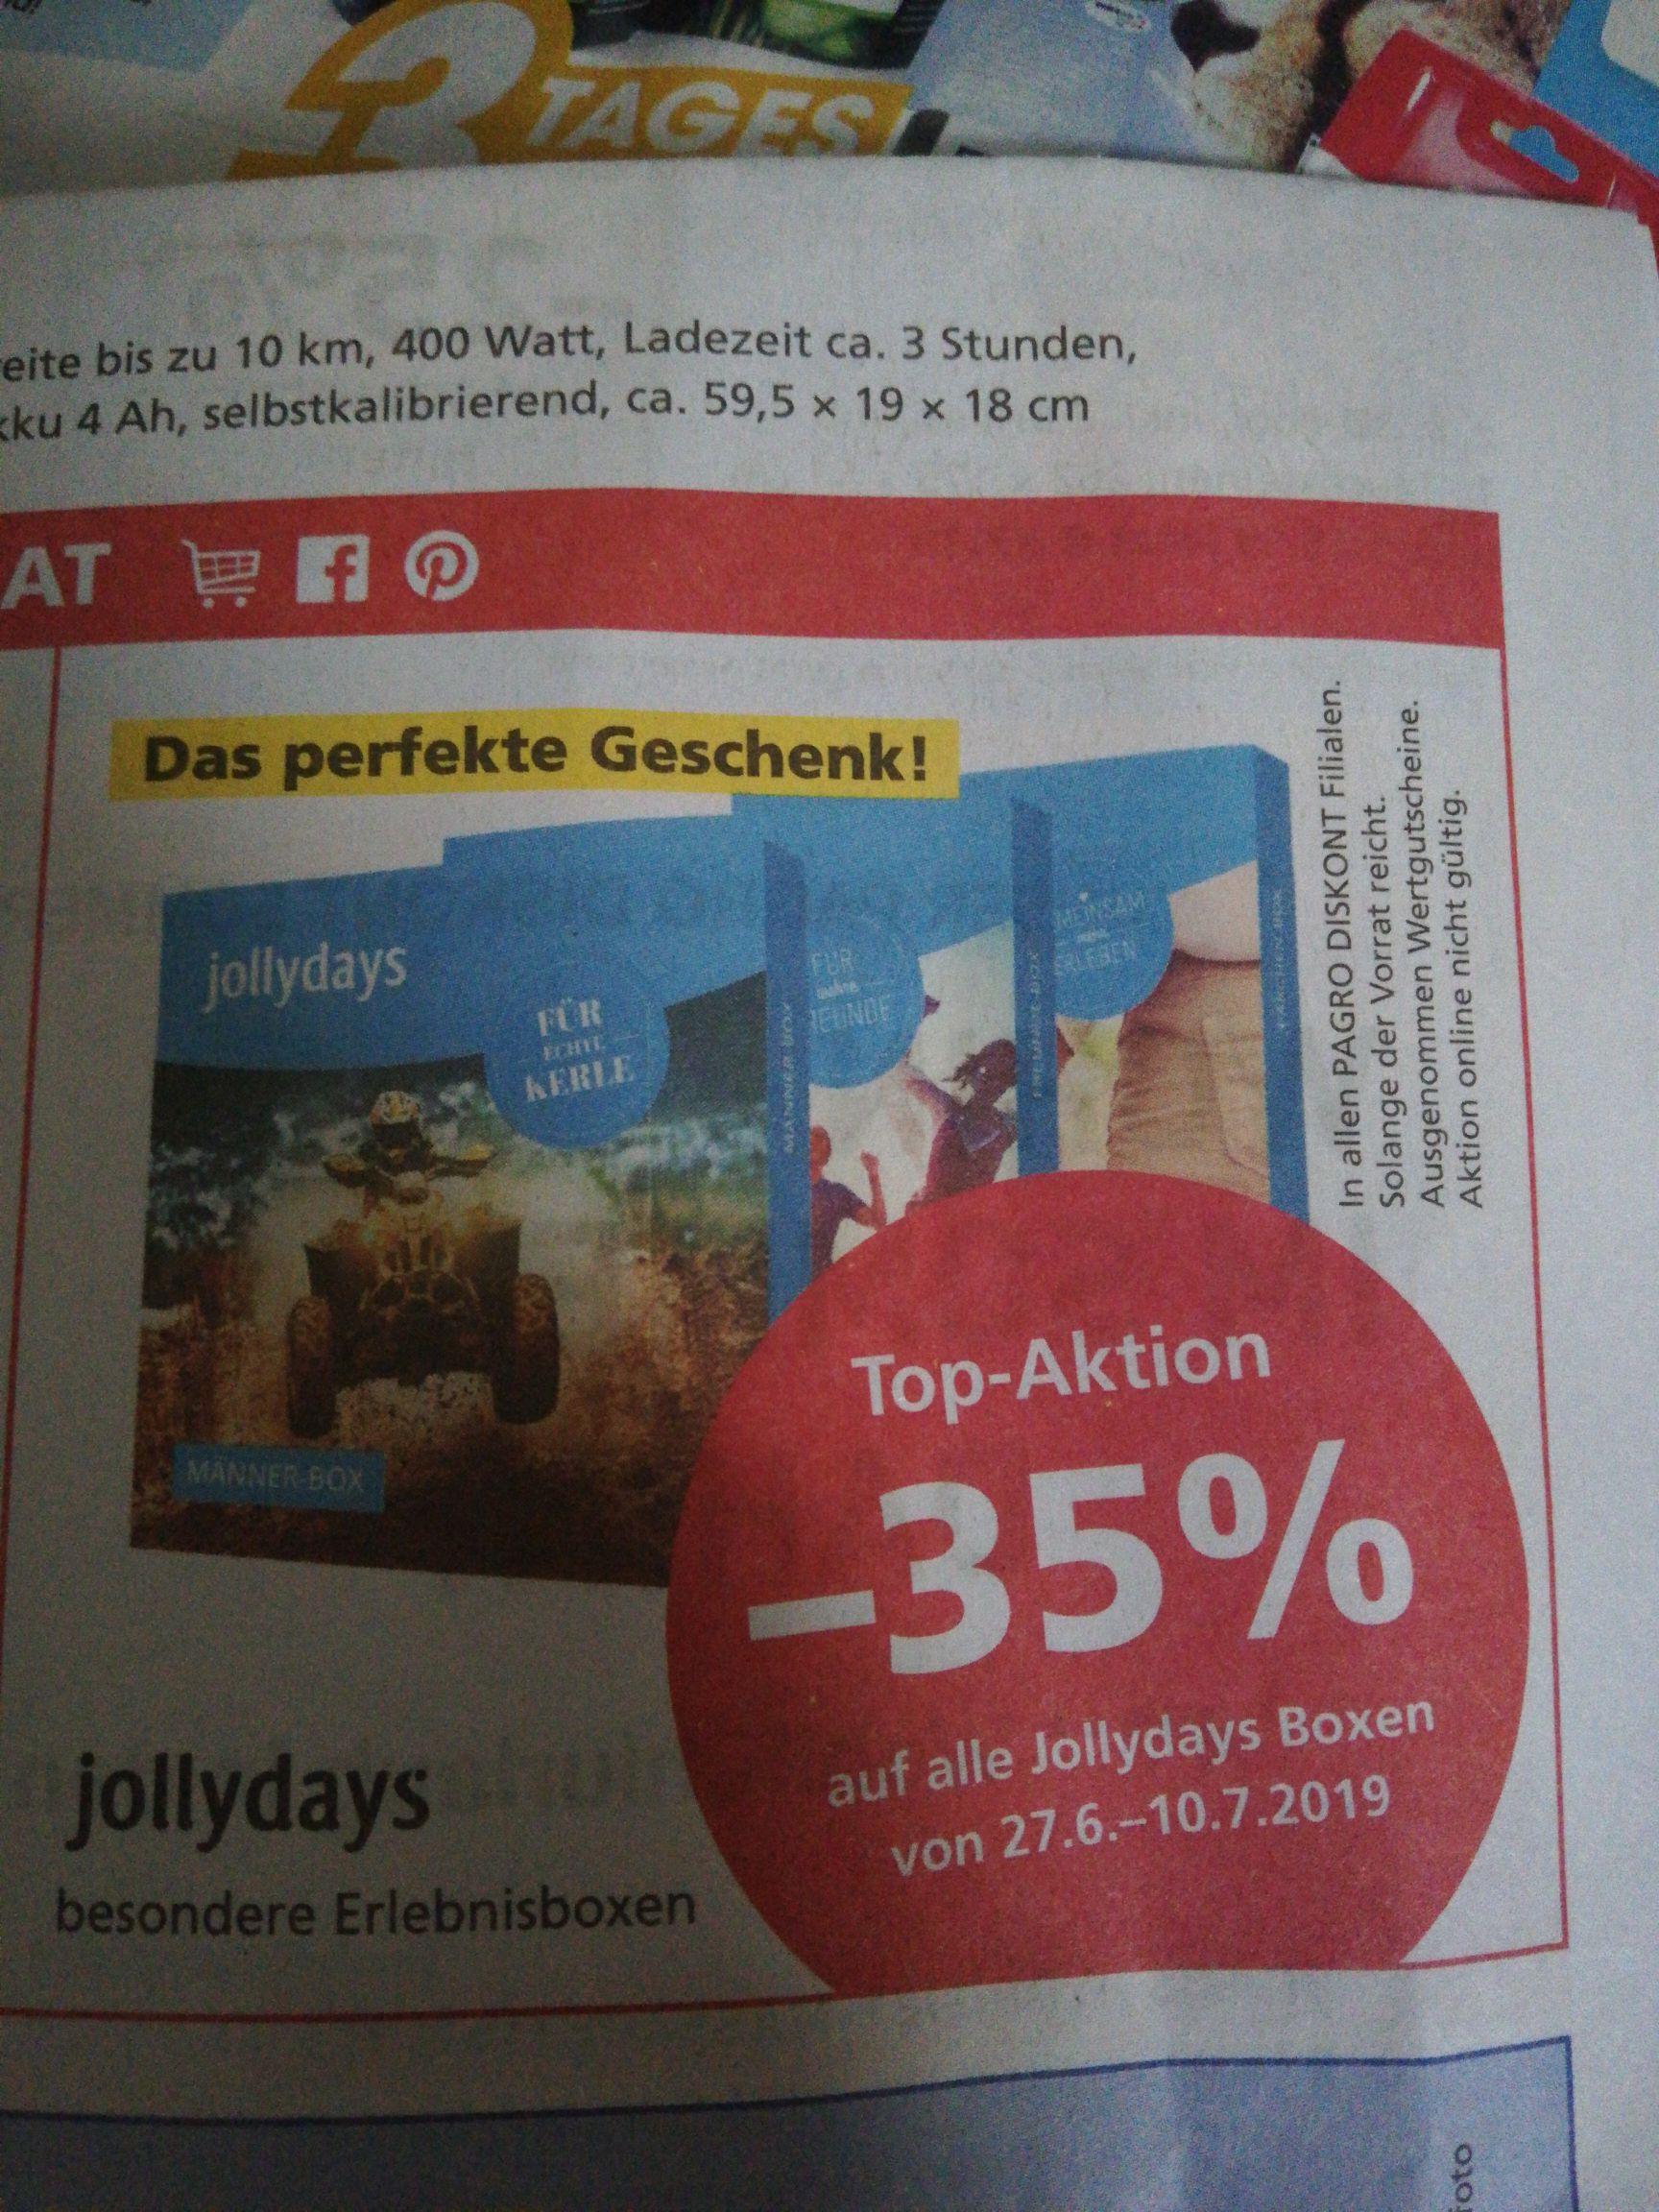 -35% auf alle jollydays Boxen beim Pagro